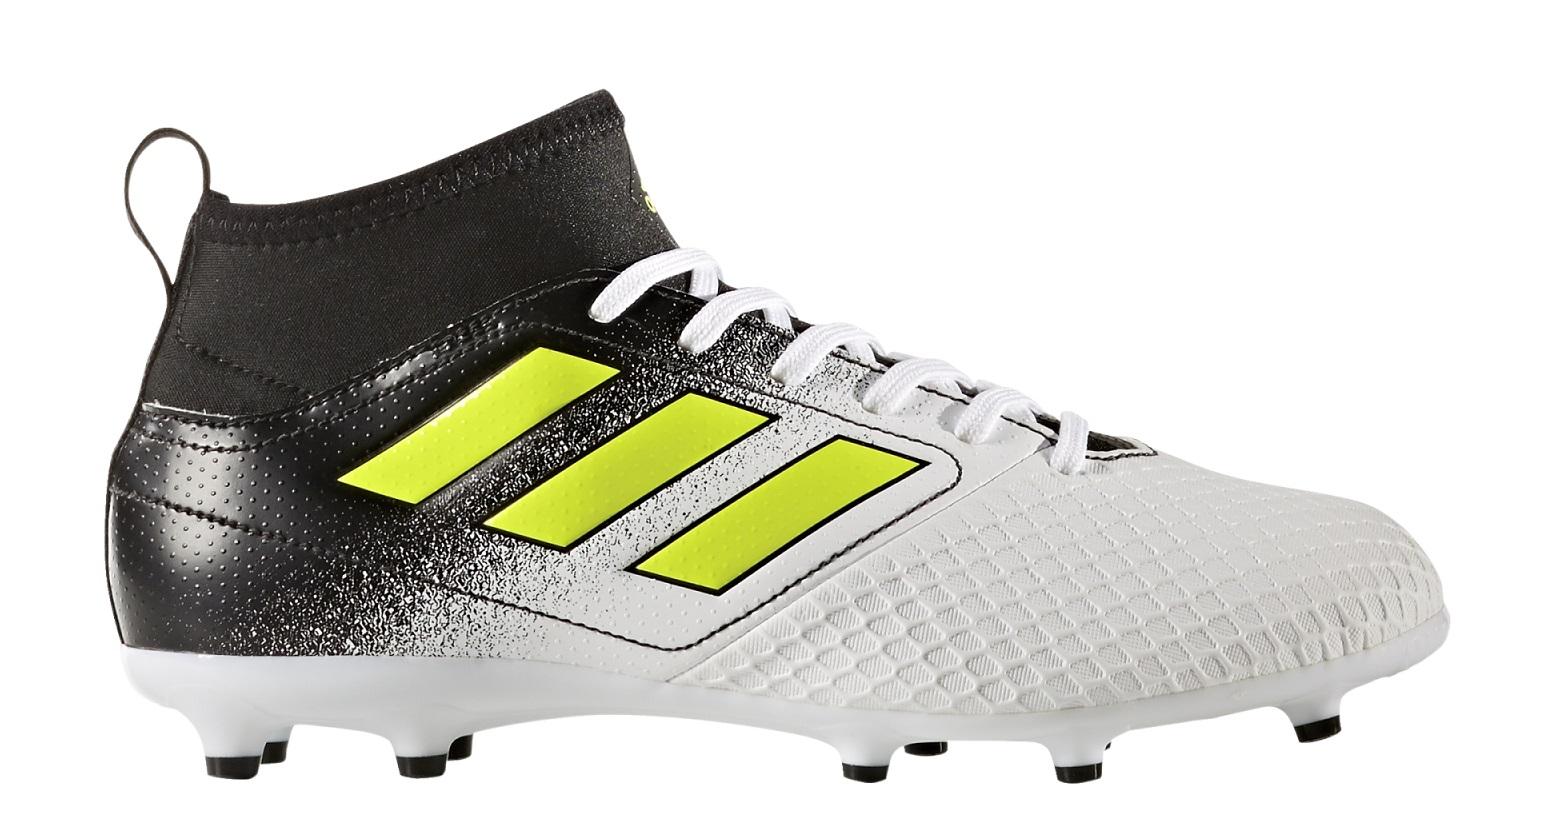 Fútbol zapatos de Niño Adidas Ace 17.3 FG Tormenta de Polvo Pack colore  blanco negro - Adidas - SportIT.com da4fbe4fe0ff3